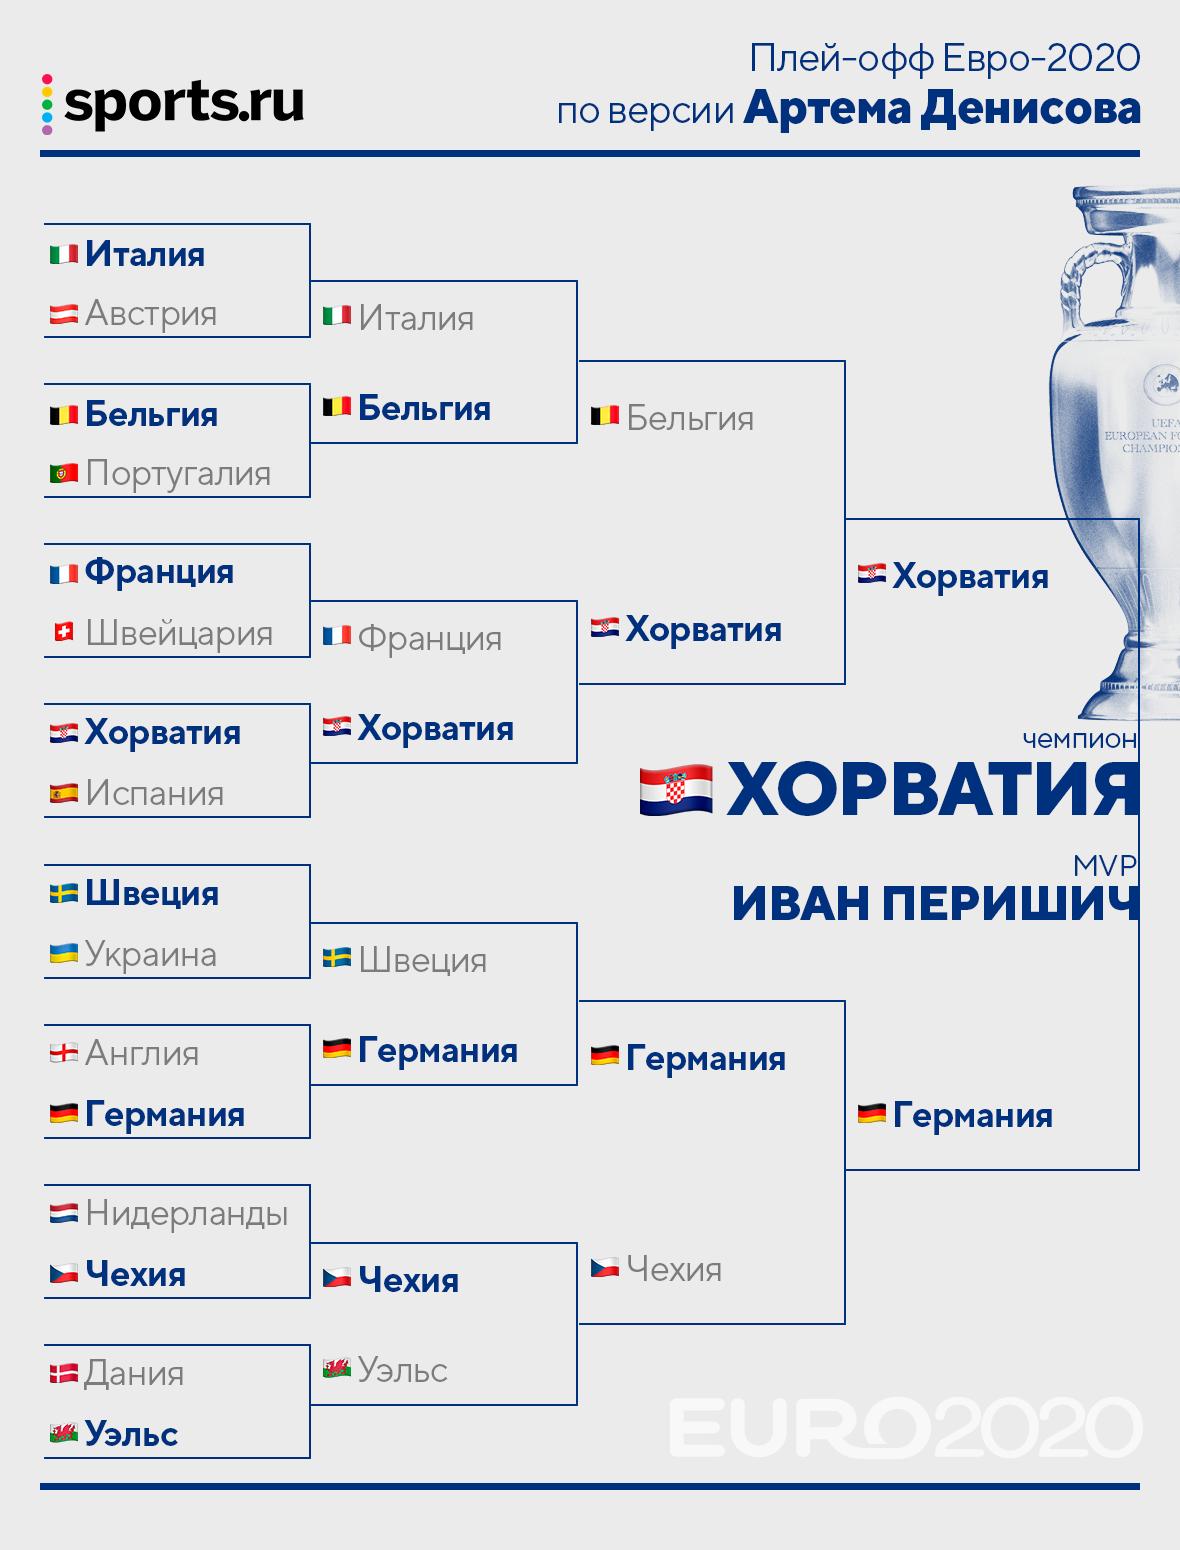 Предсказываем плей-офф Евро-2020. Большинство верит в Италию, но есть ставки на Швецию и Хорватию